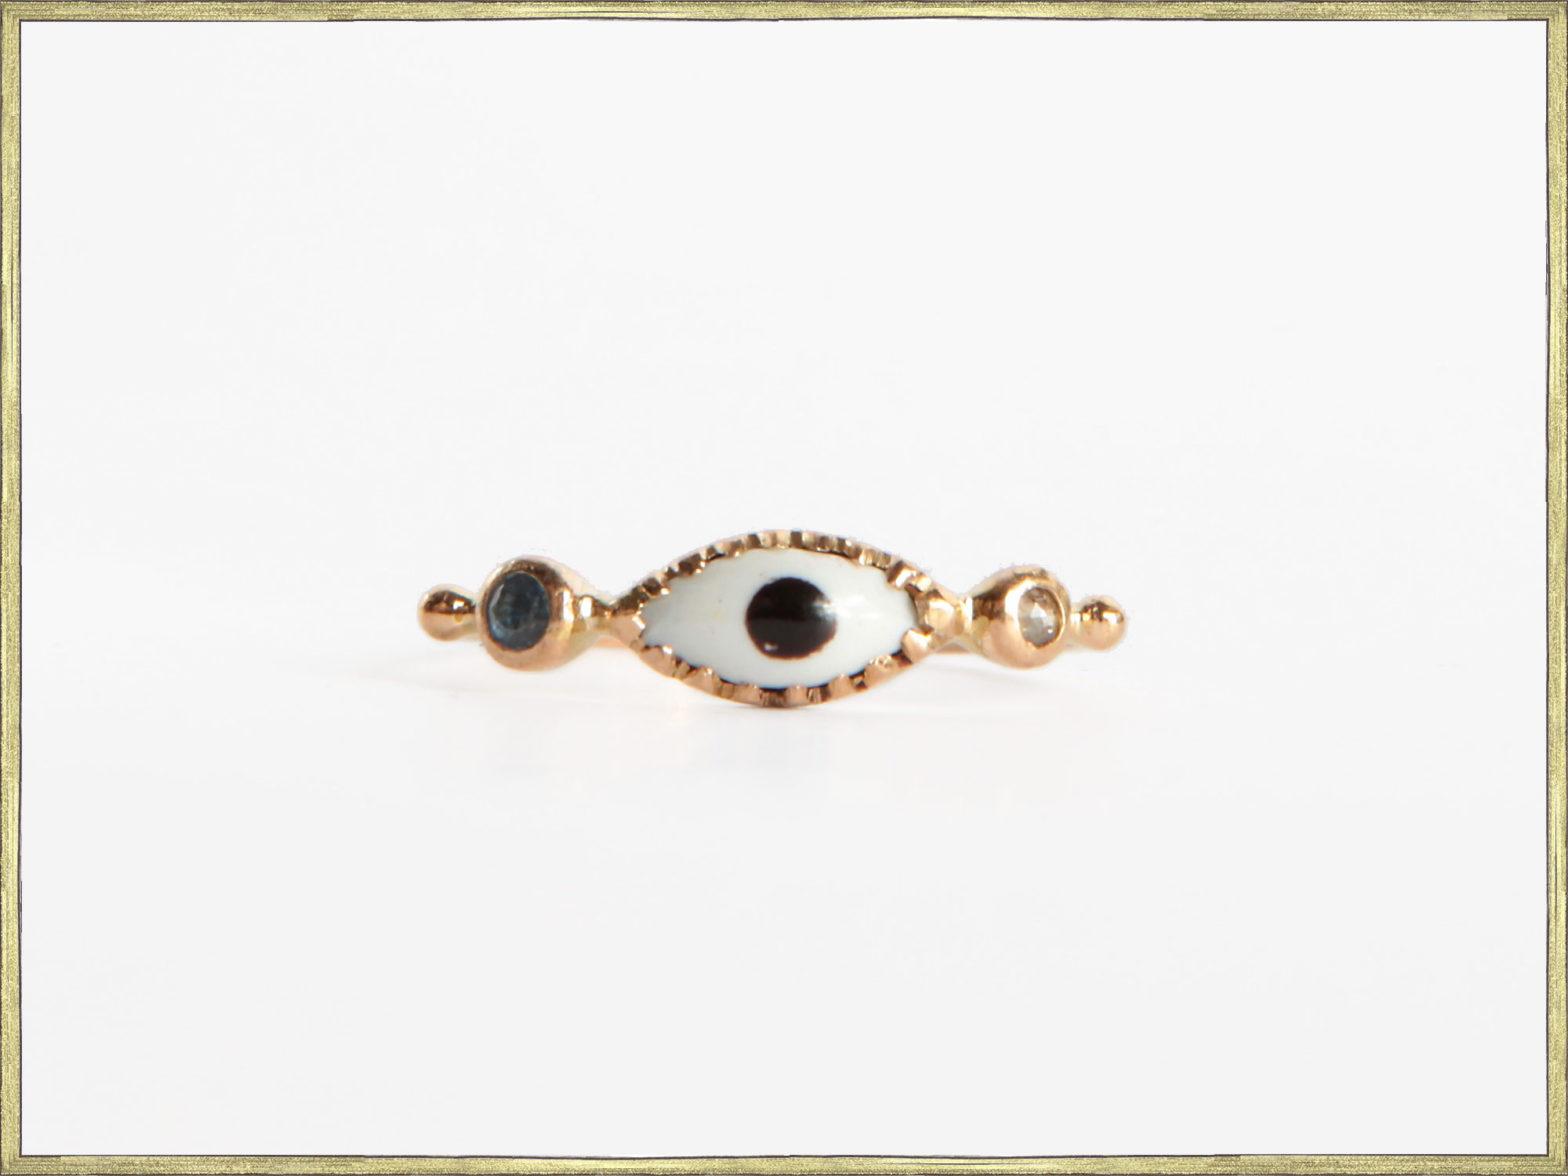 Bague oeil / Eye ring